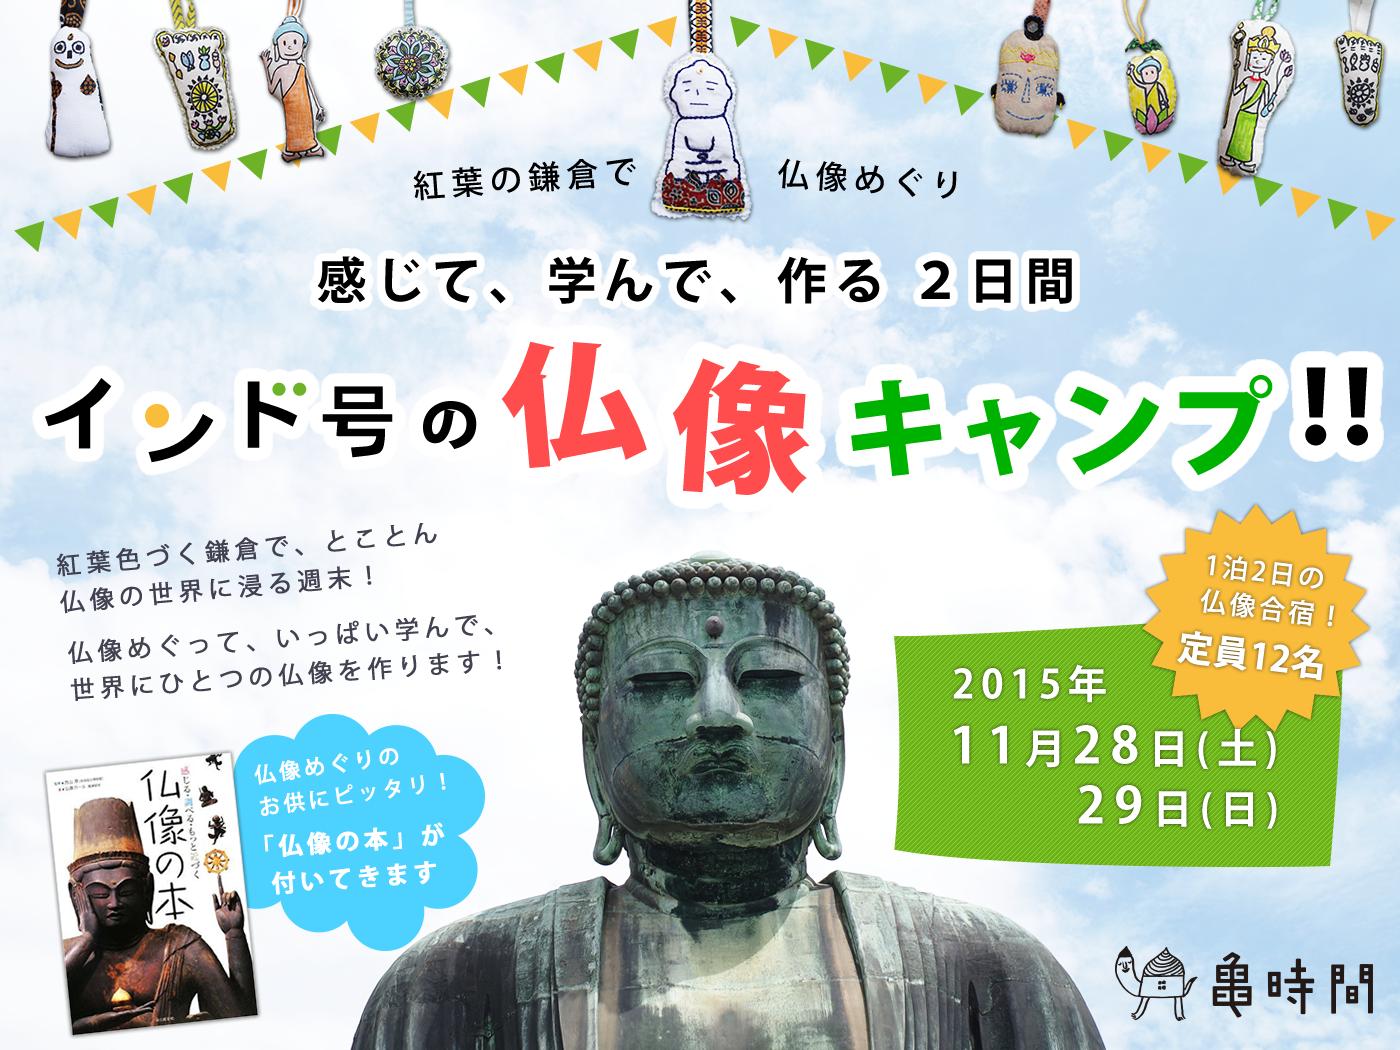 『紅葉の鎌倉で仏像めぐり 感じて、学んで、作る 2日間 インド号の仏像キャンプ!!@亀時間』募集開始!